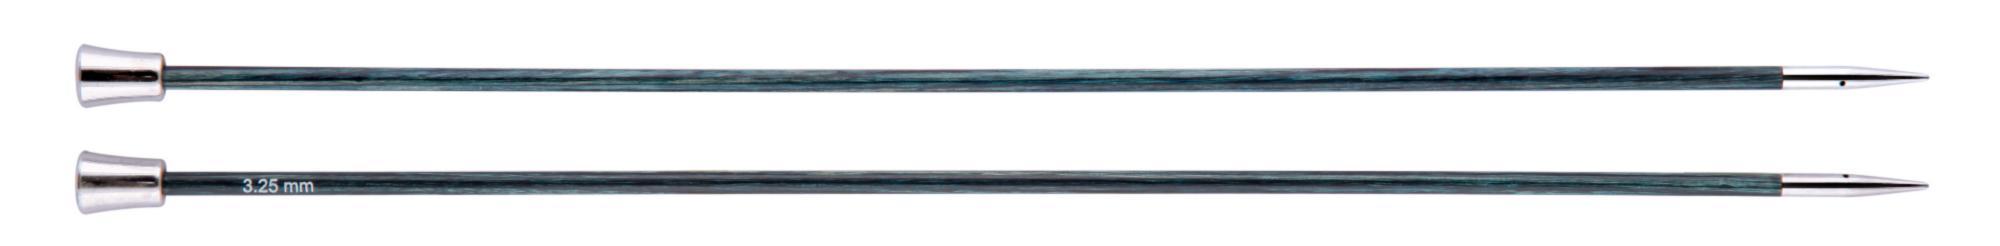 Спицы прямые 40 см Royale KnitPro, 29232, 3.25 мм